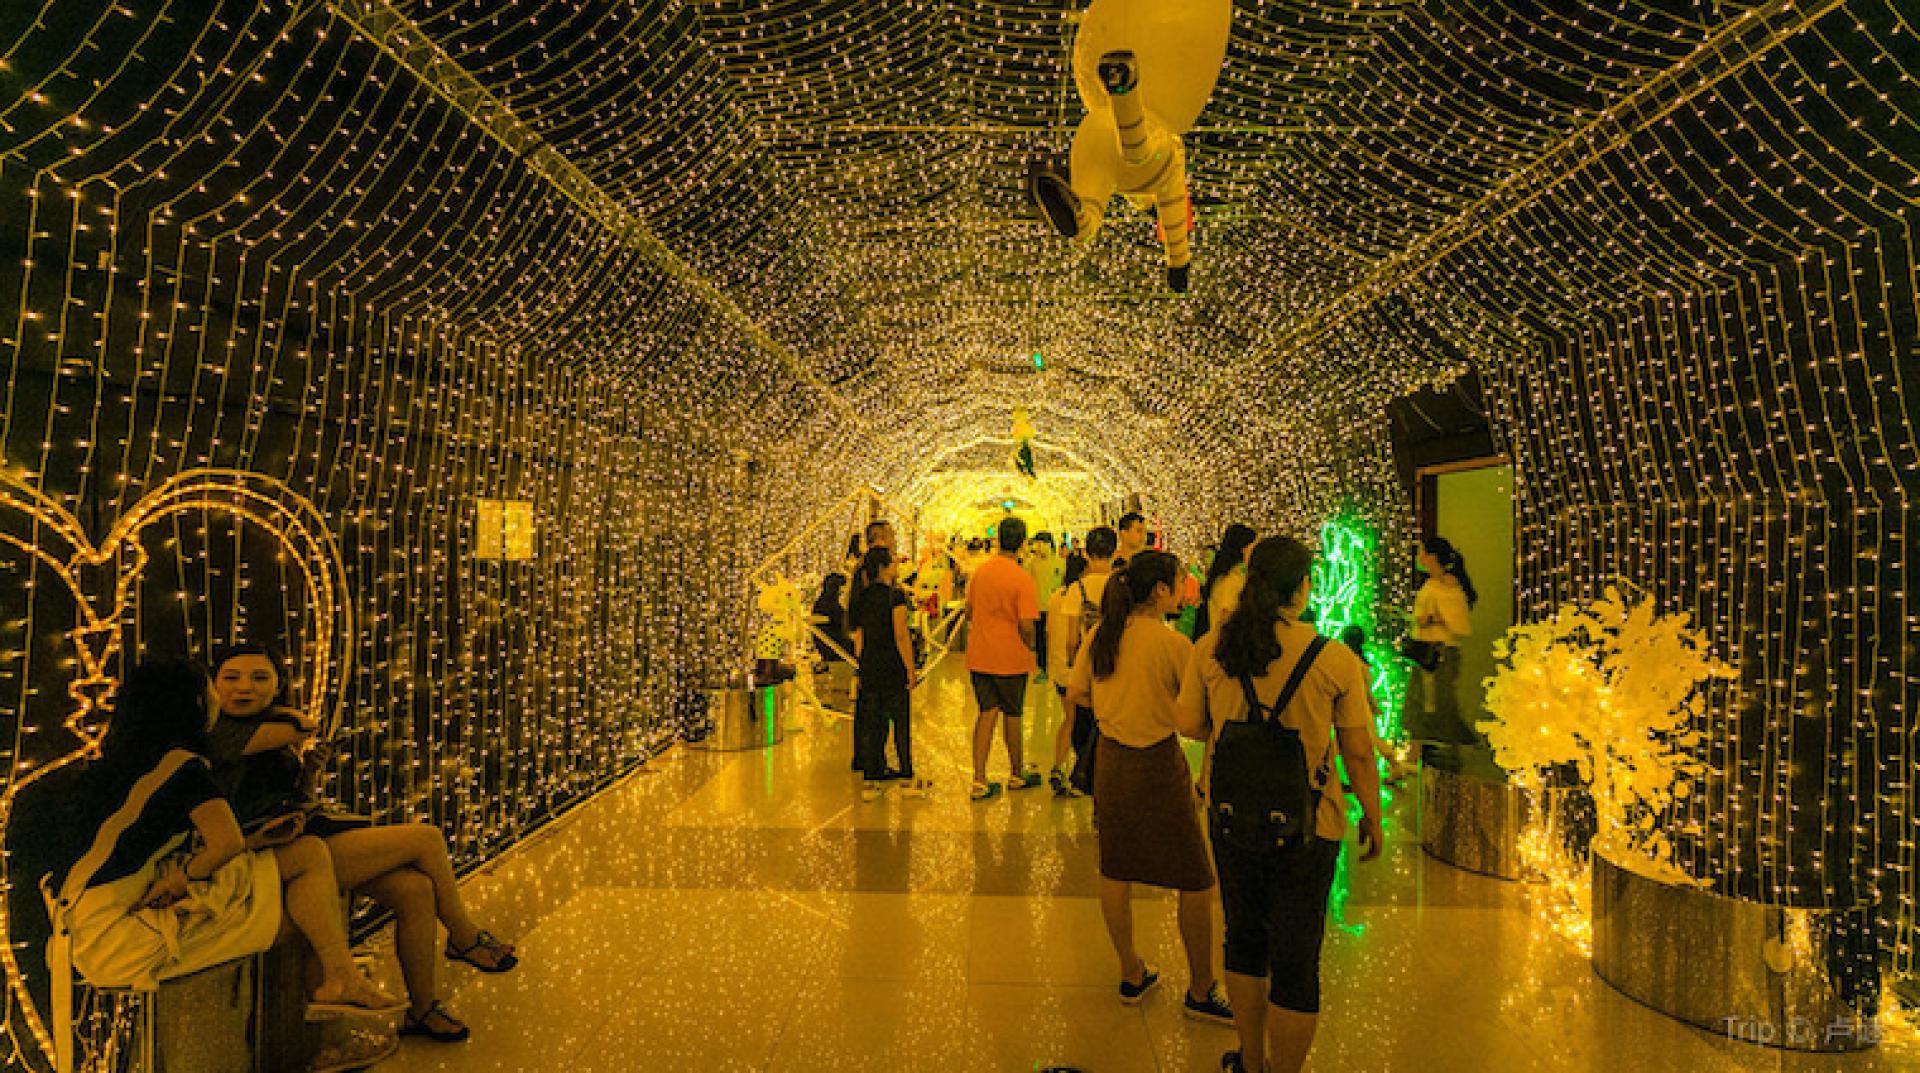 【上海打卡聖地】外灘星空錯覺藝術館